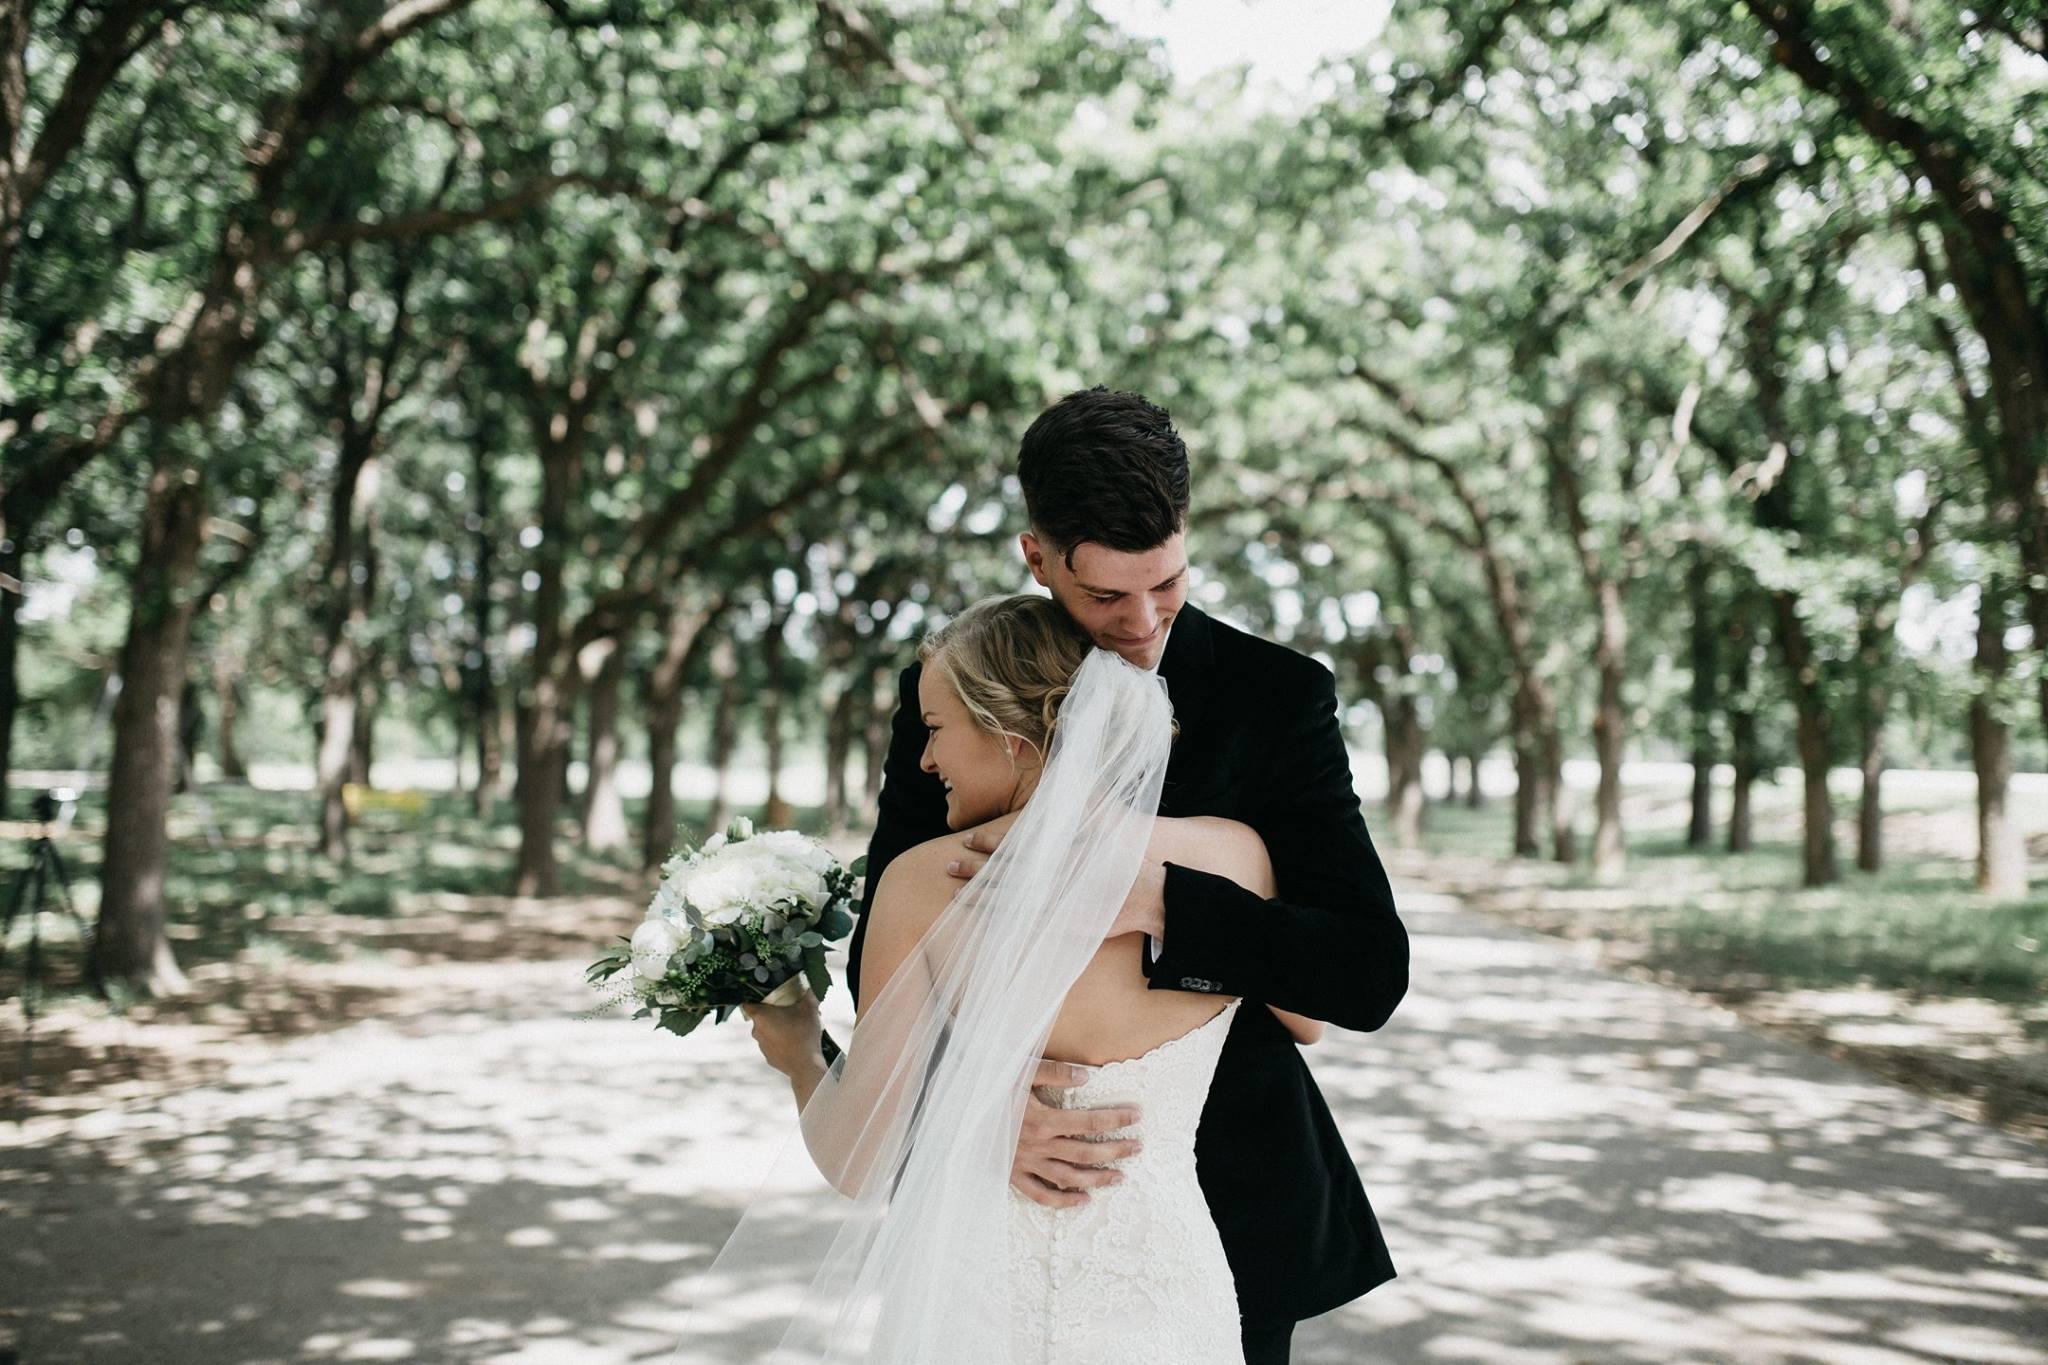 Manhattan Kansas wedding videographer filmmaker destination traveling adventure JD Liana Works photography